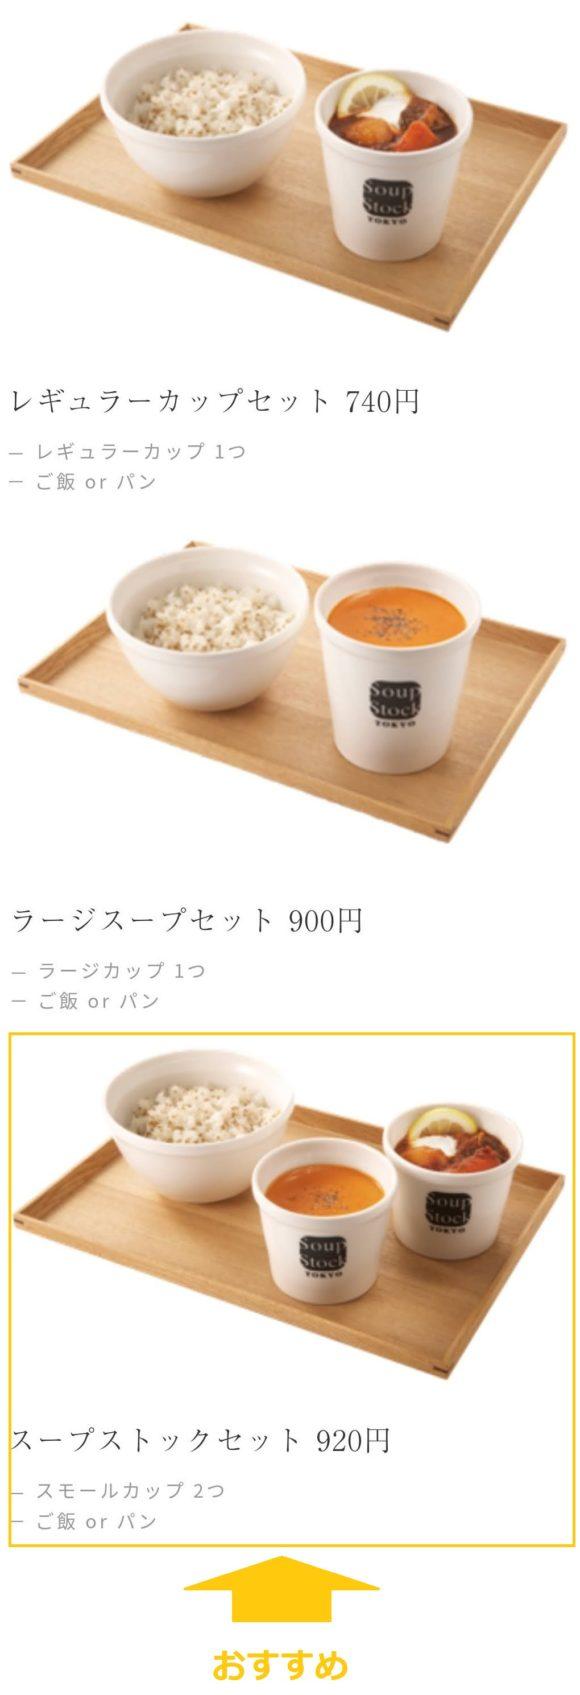 スープストック(Soup Stock Tokyo)のおすすめ注文方法